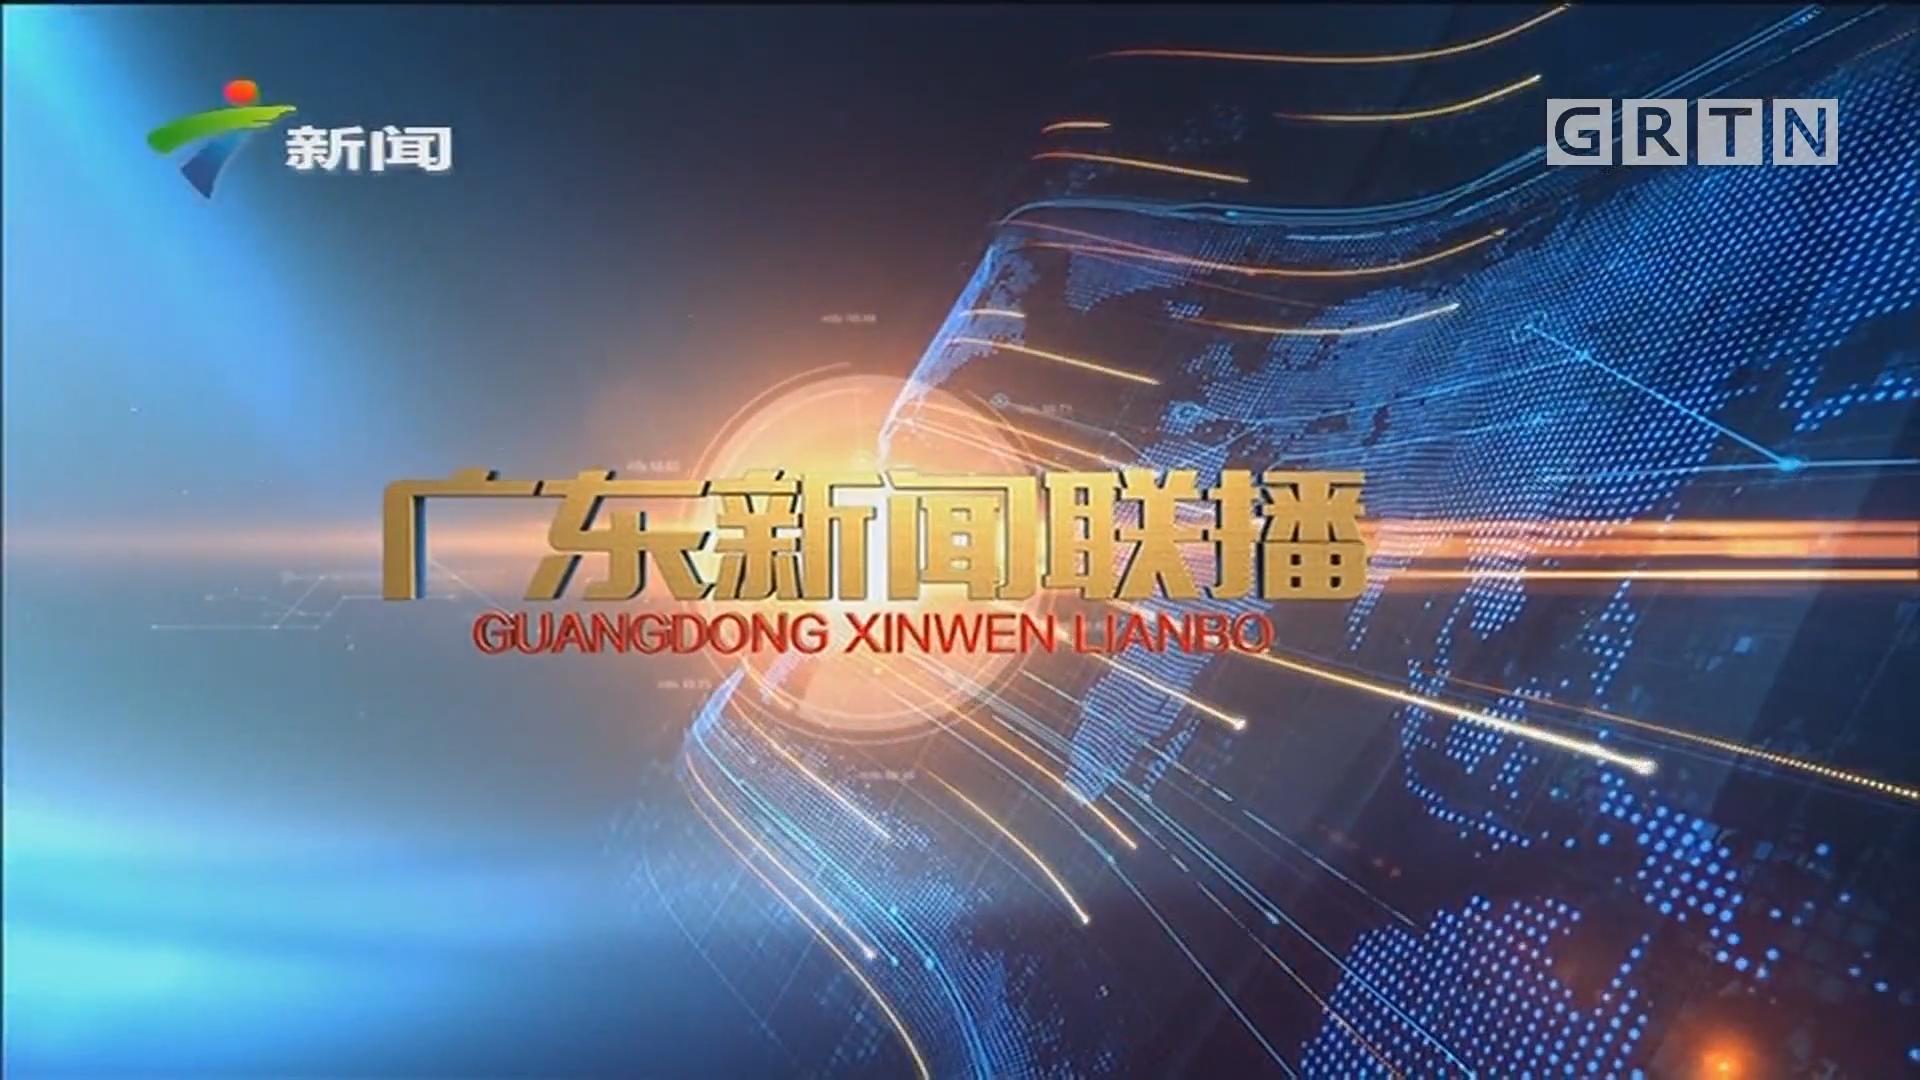 [HD][2019-05-30]广东新闻联播:广东:加快推动民族地区高质量发展